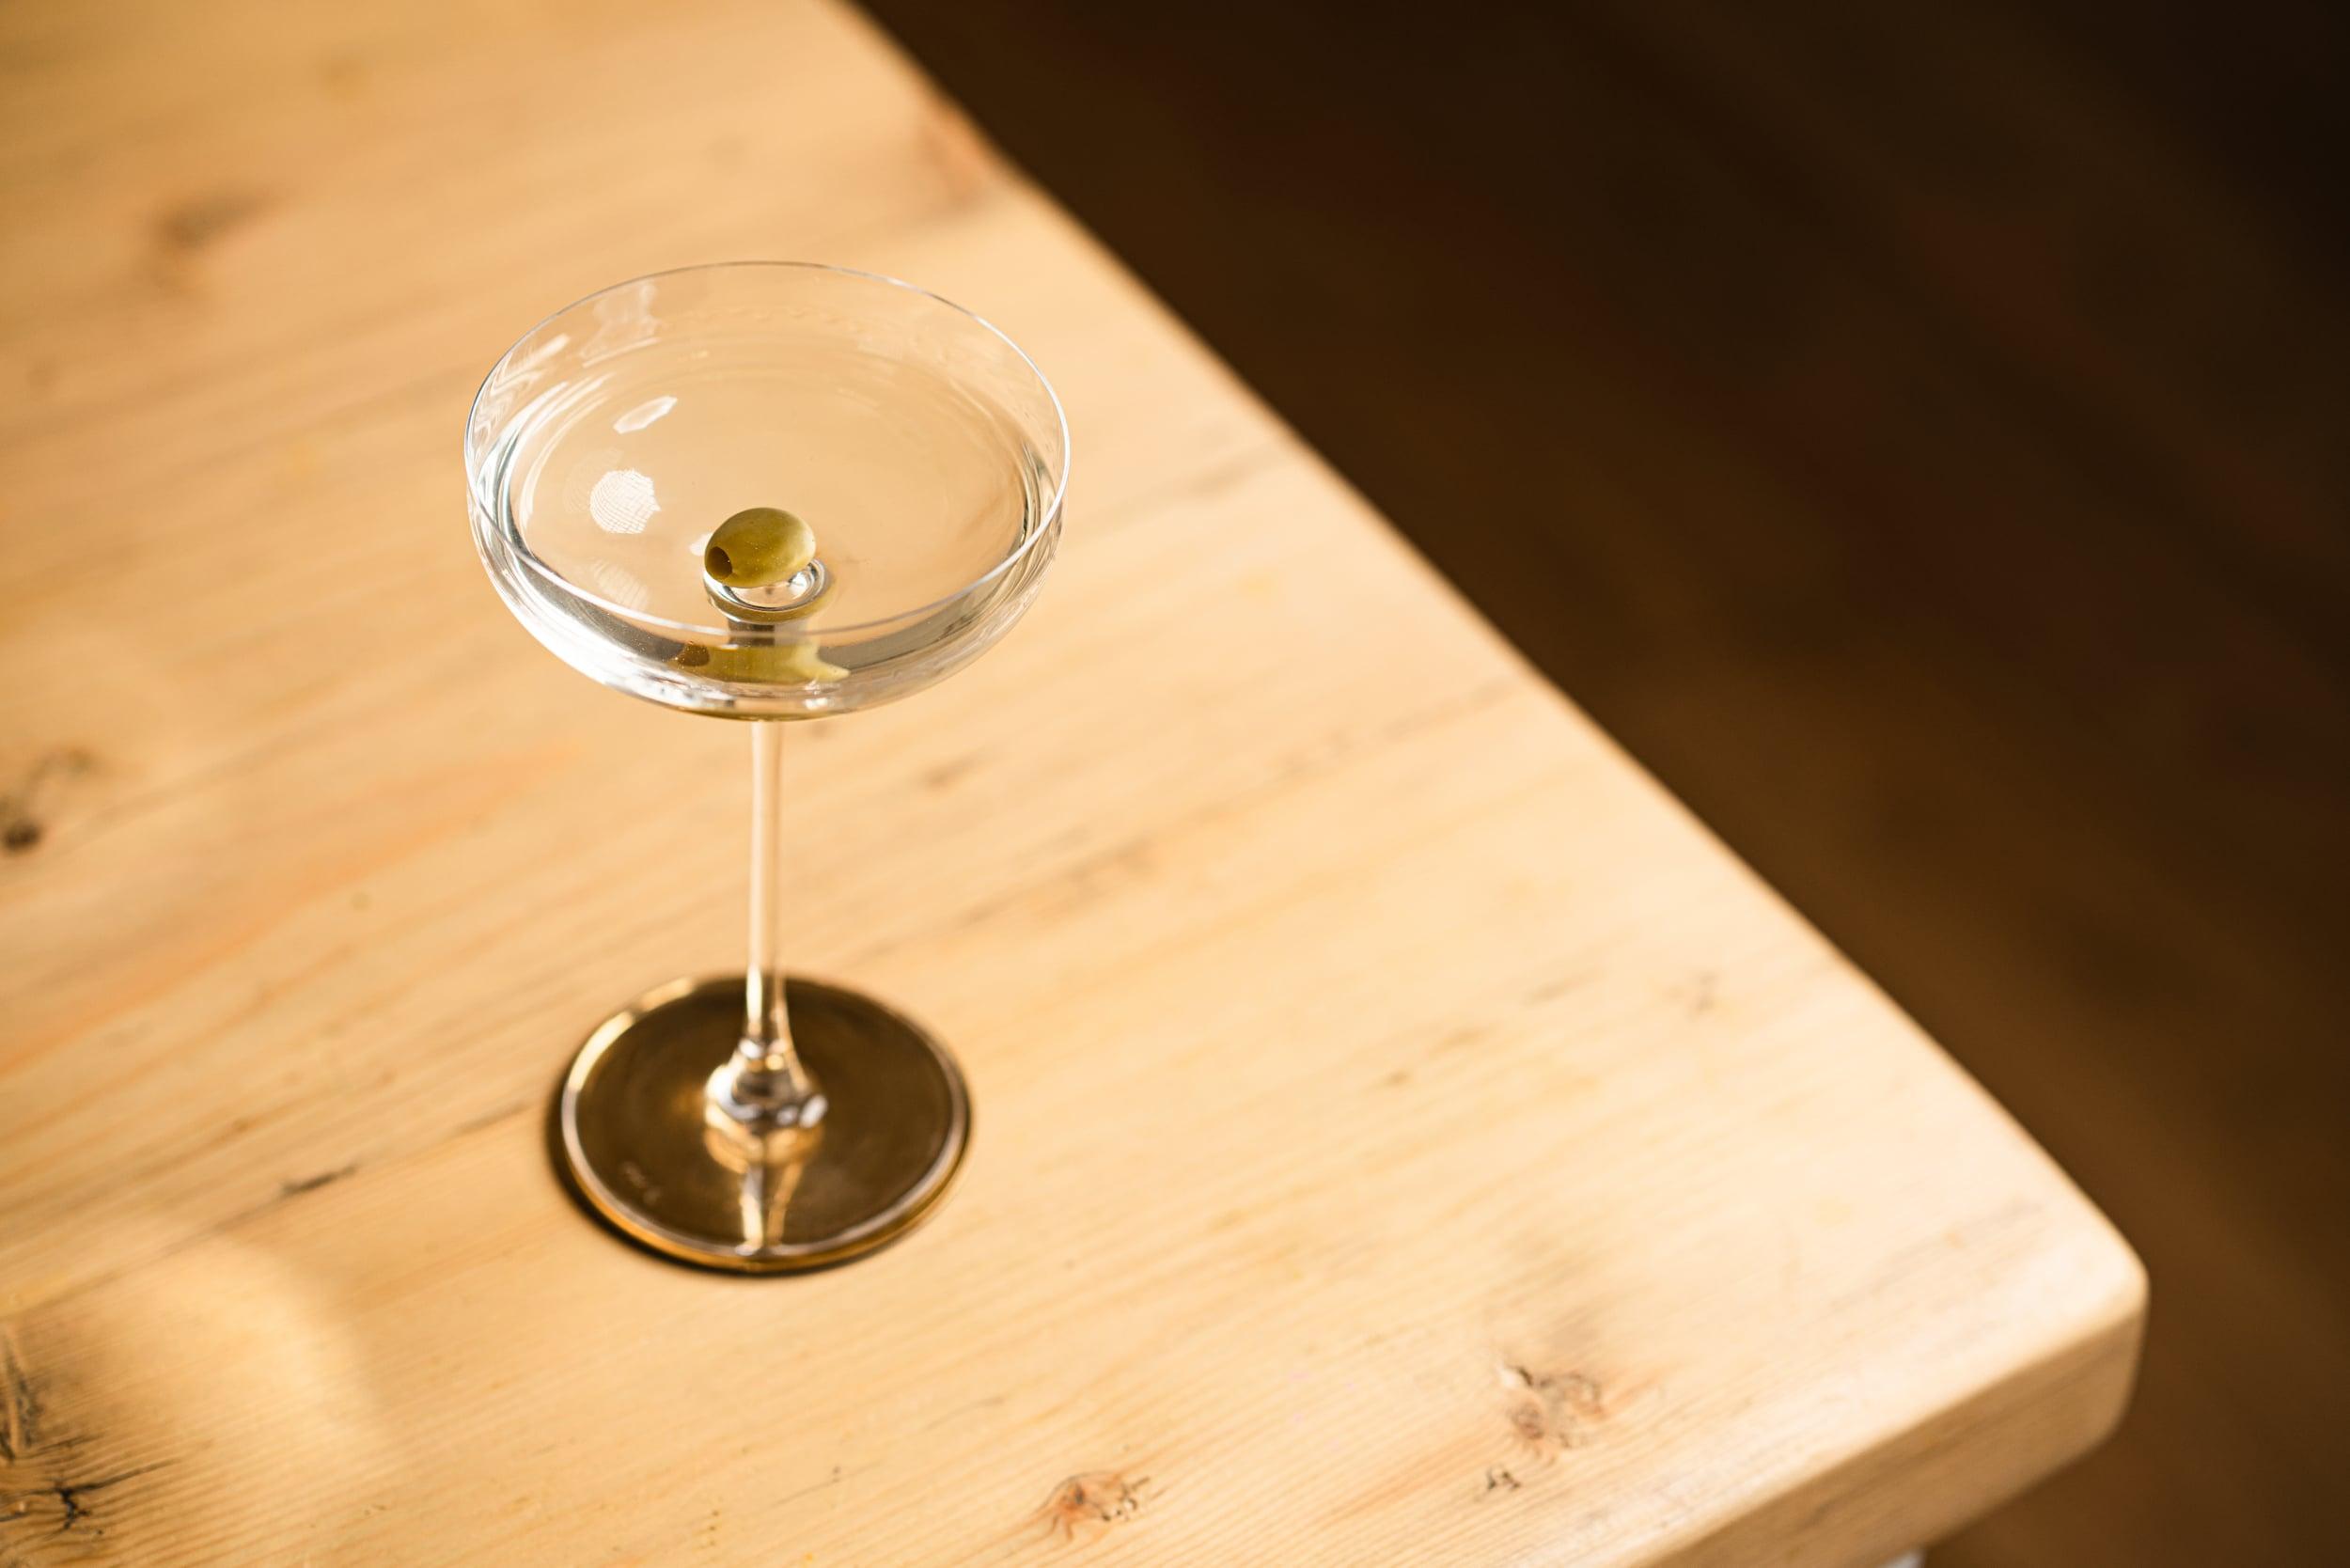 vodka-martini-recipe